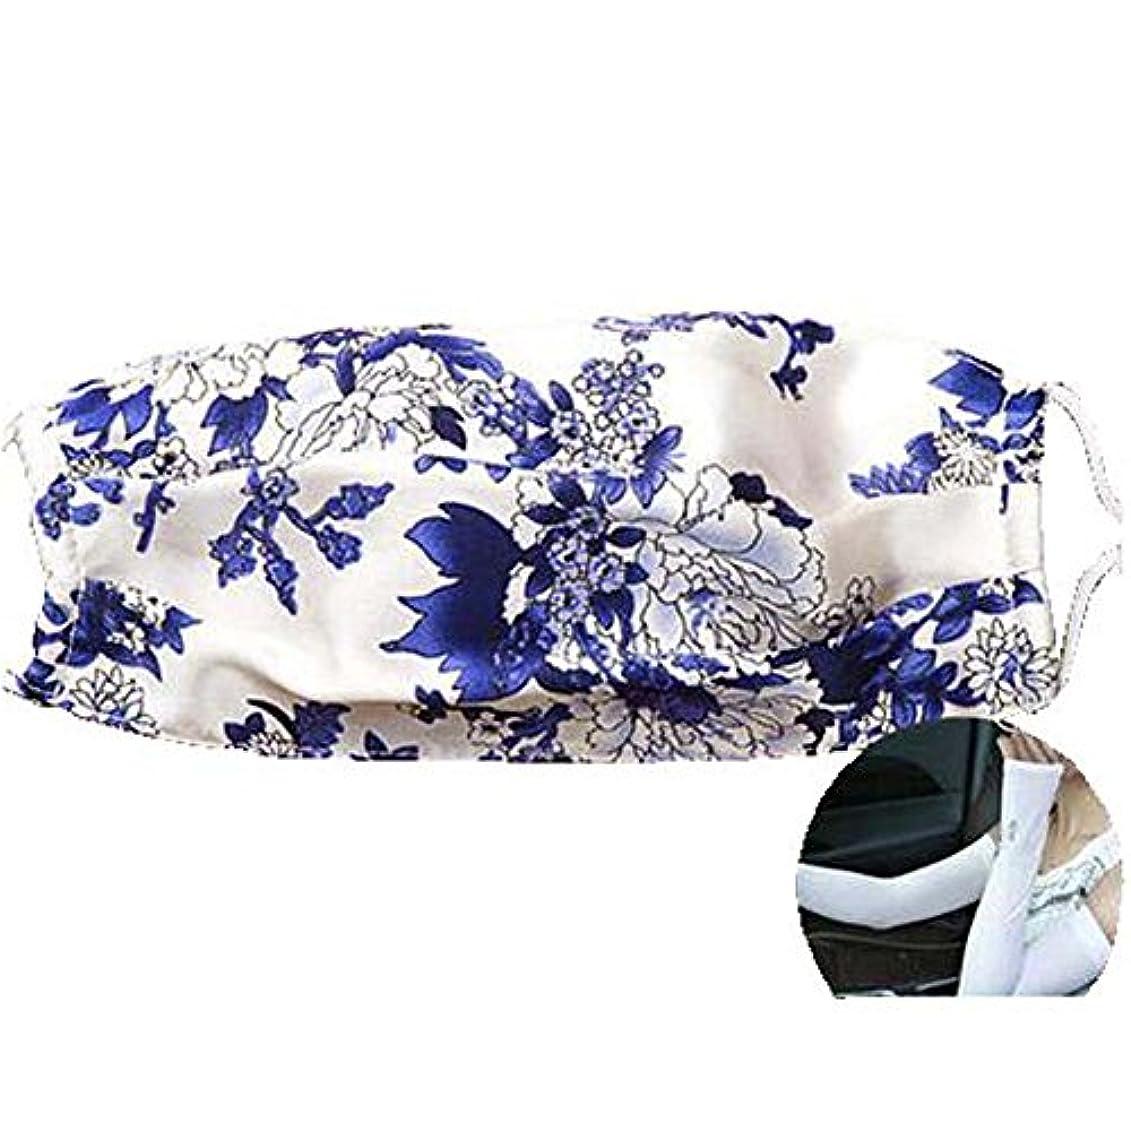 パーティー転倒ホステス再使用可能な洗えるシルクダストマスク、流行マスク、シルクアームスリーブ